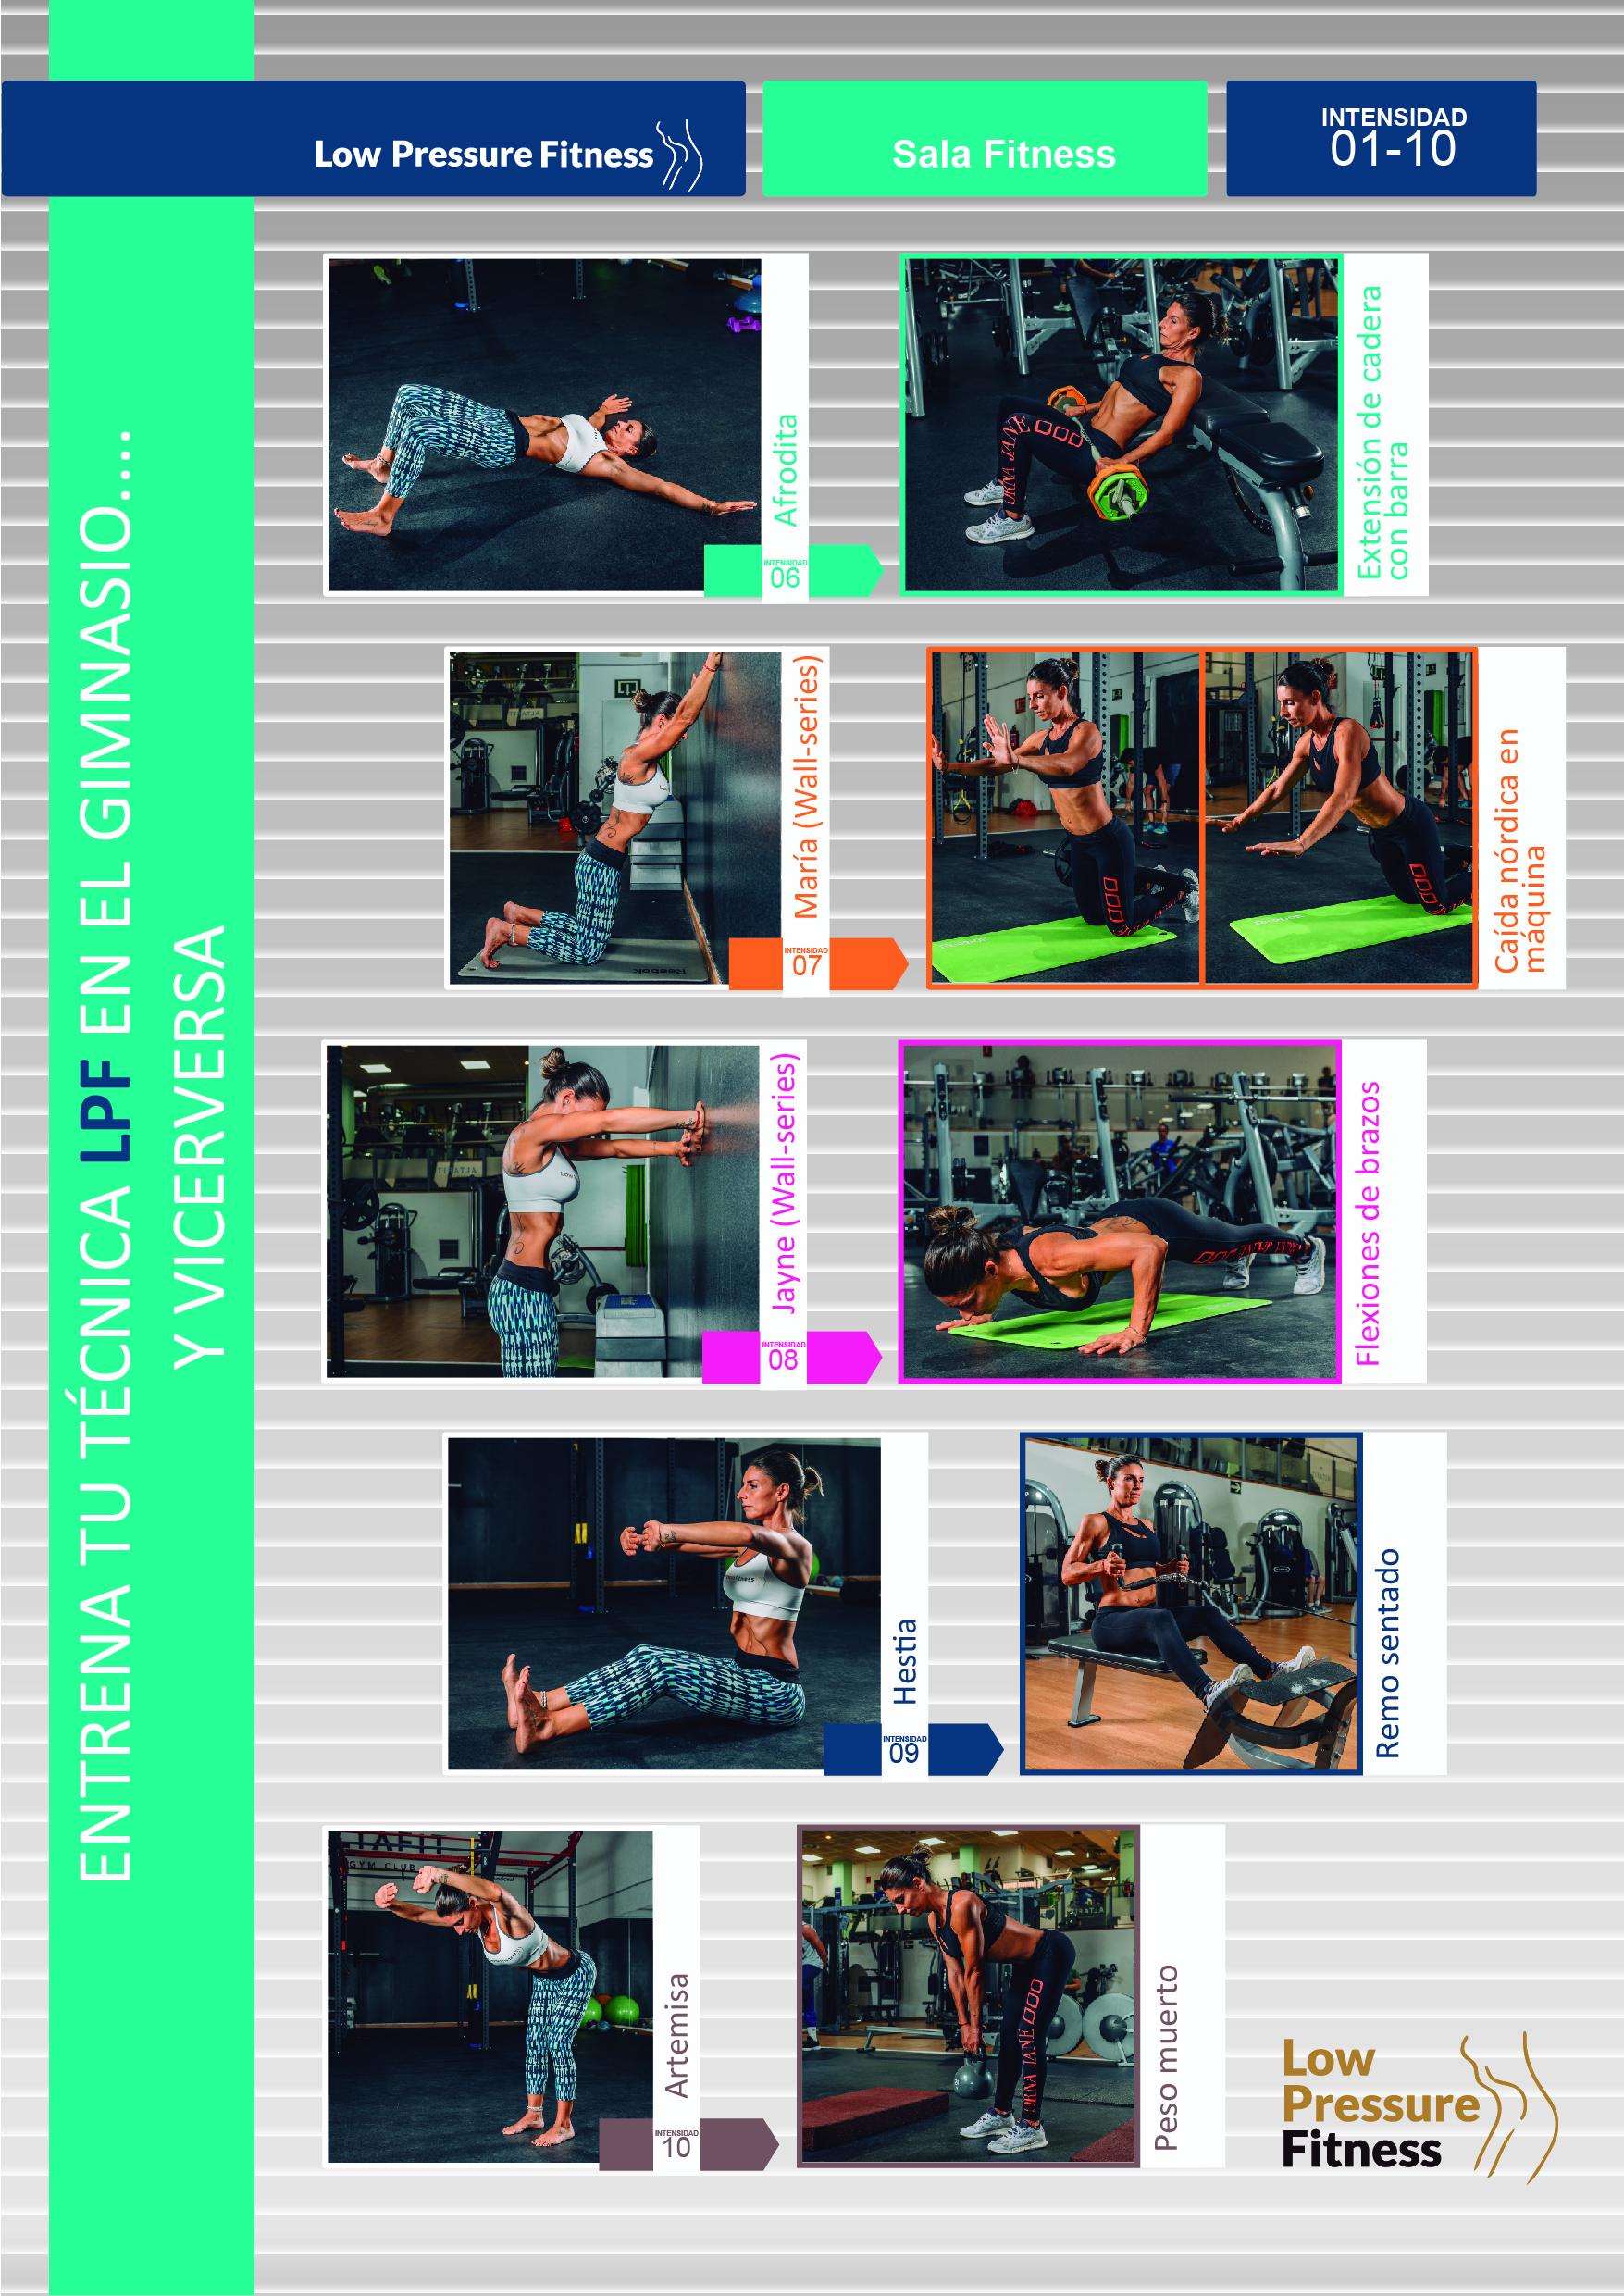 entrenamiento-fuerza-LPF